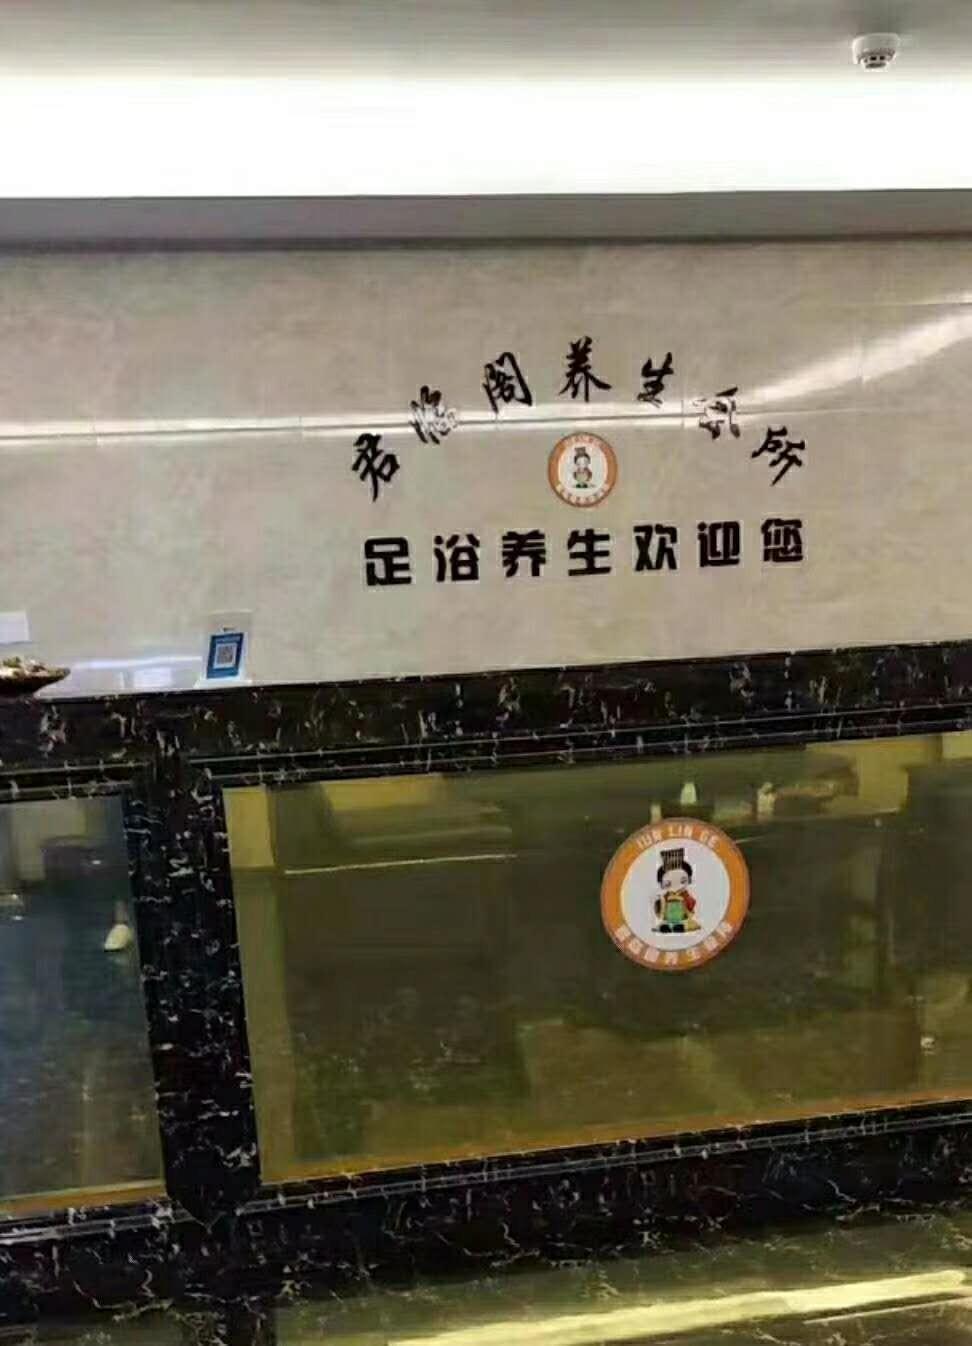 浙江温州君临阁足浴养生会所